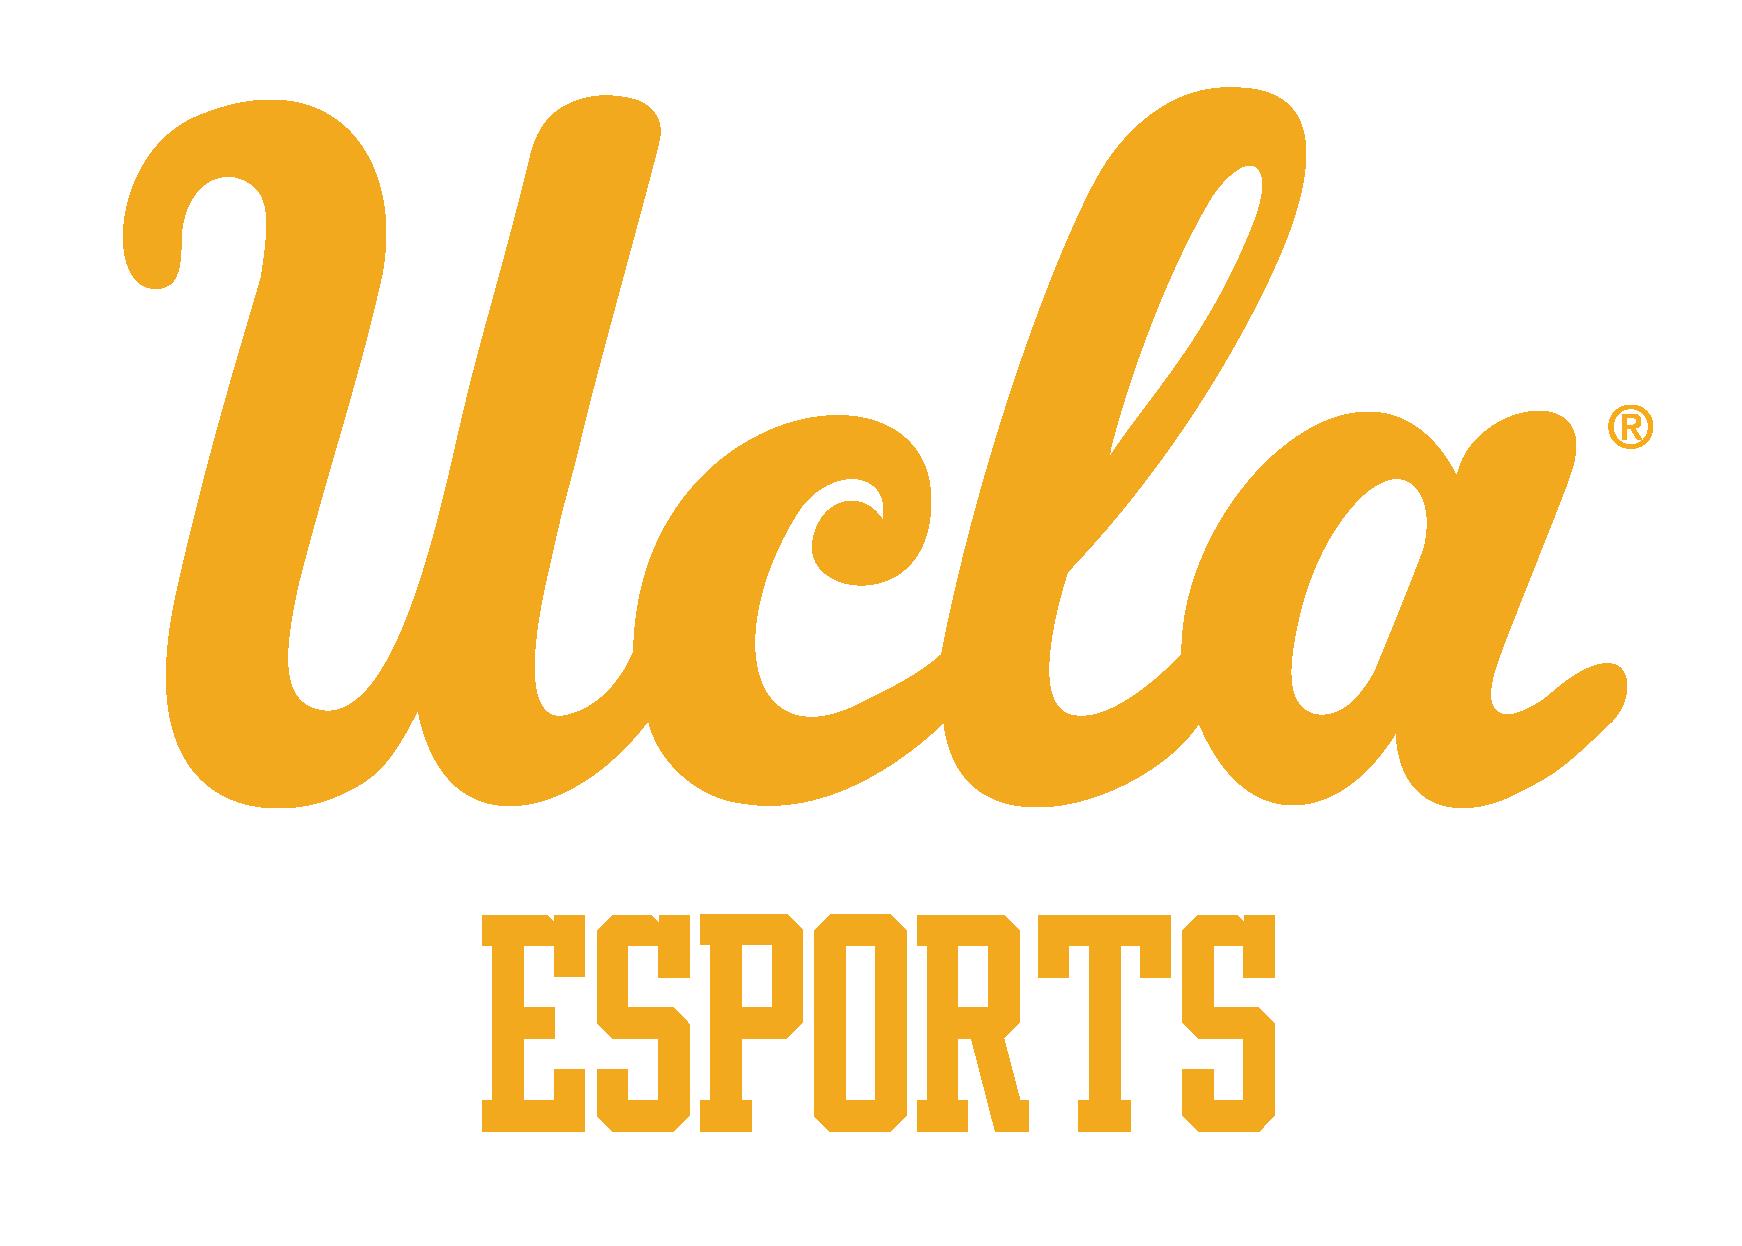 UCLA Esports's logo